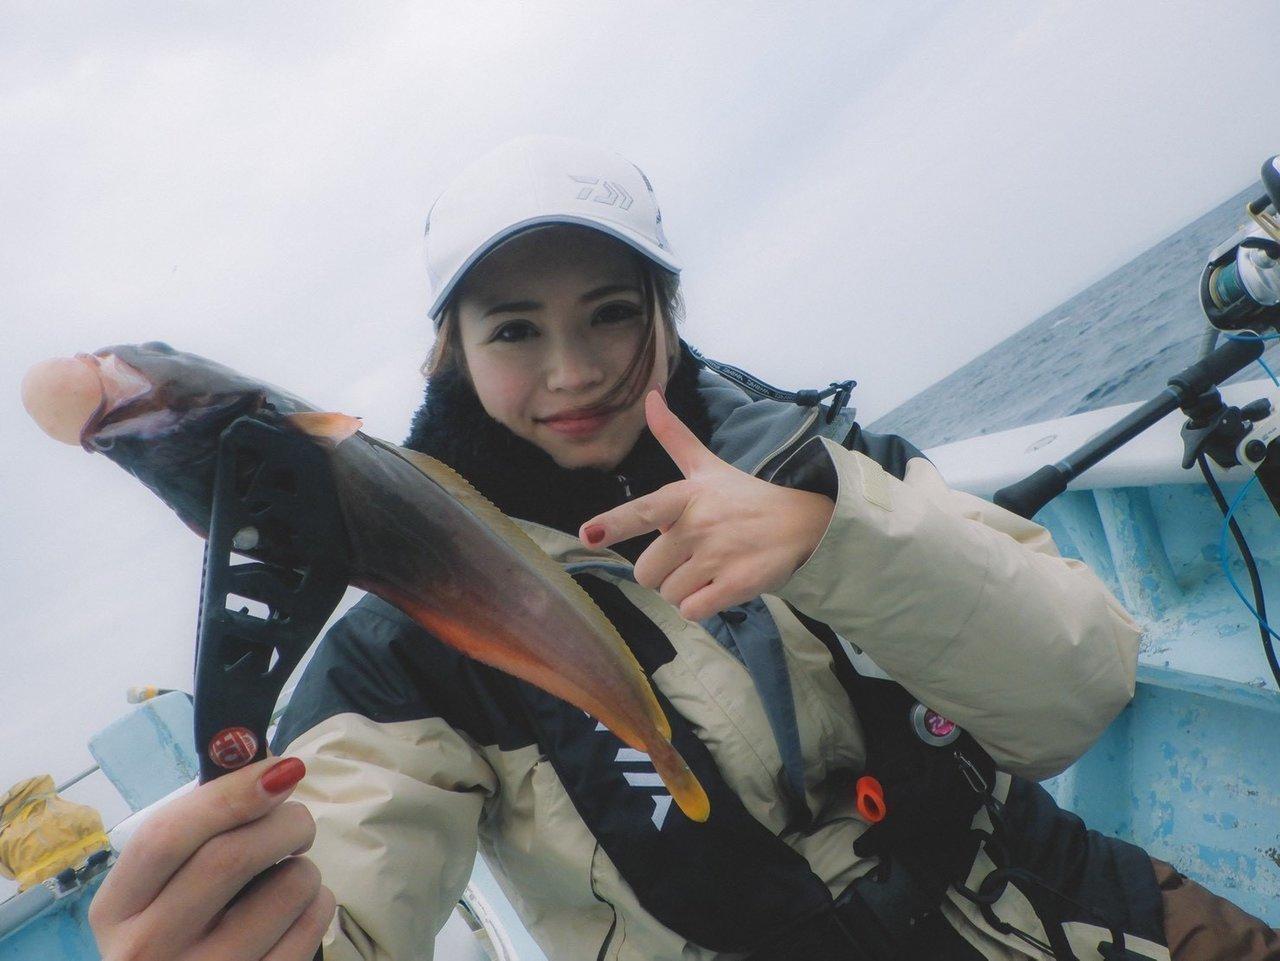 ドンコを抱える釣り人の写真